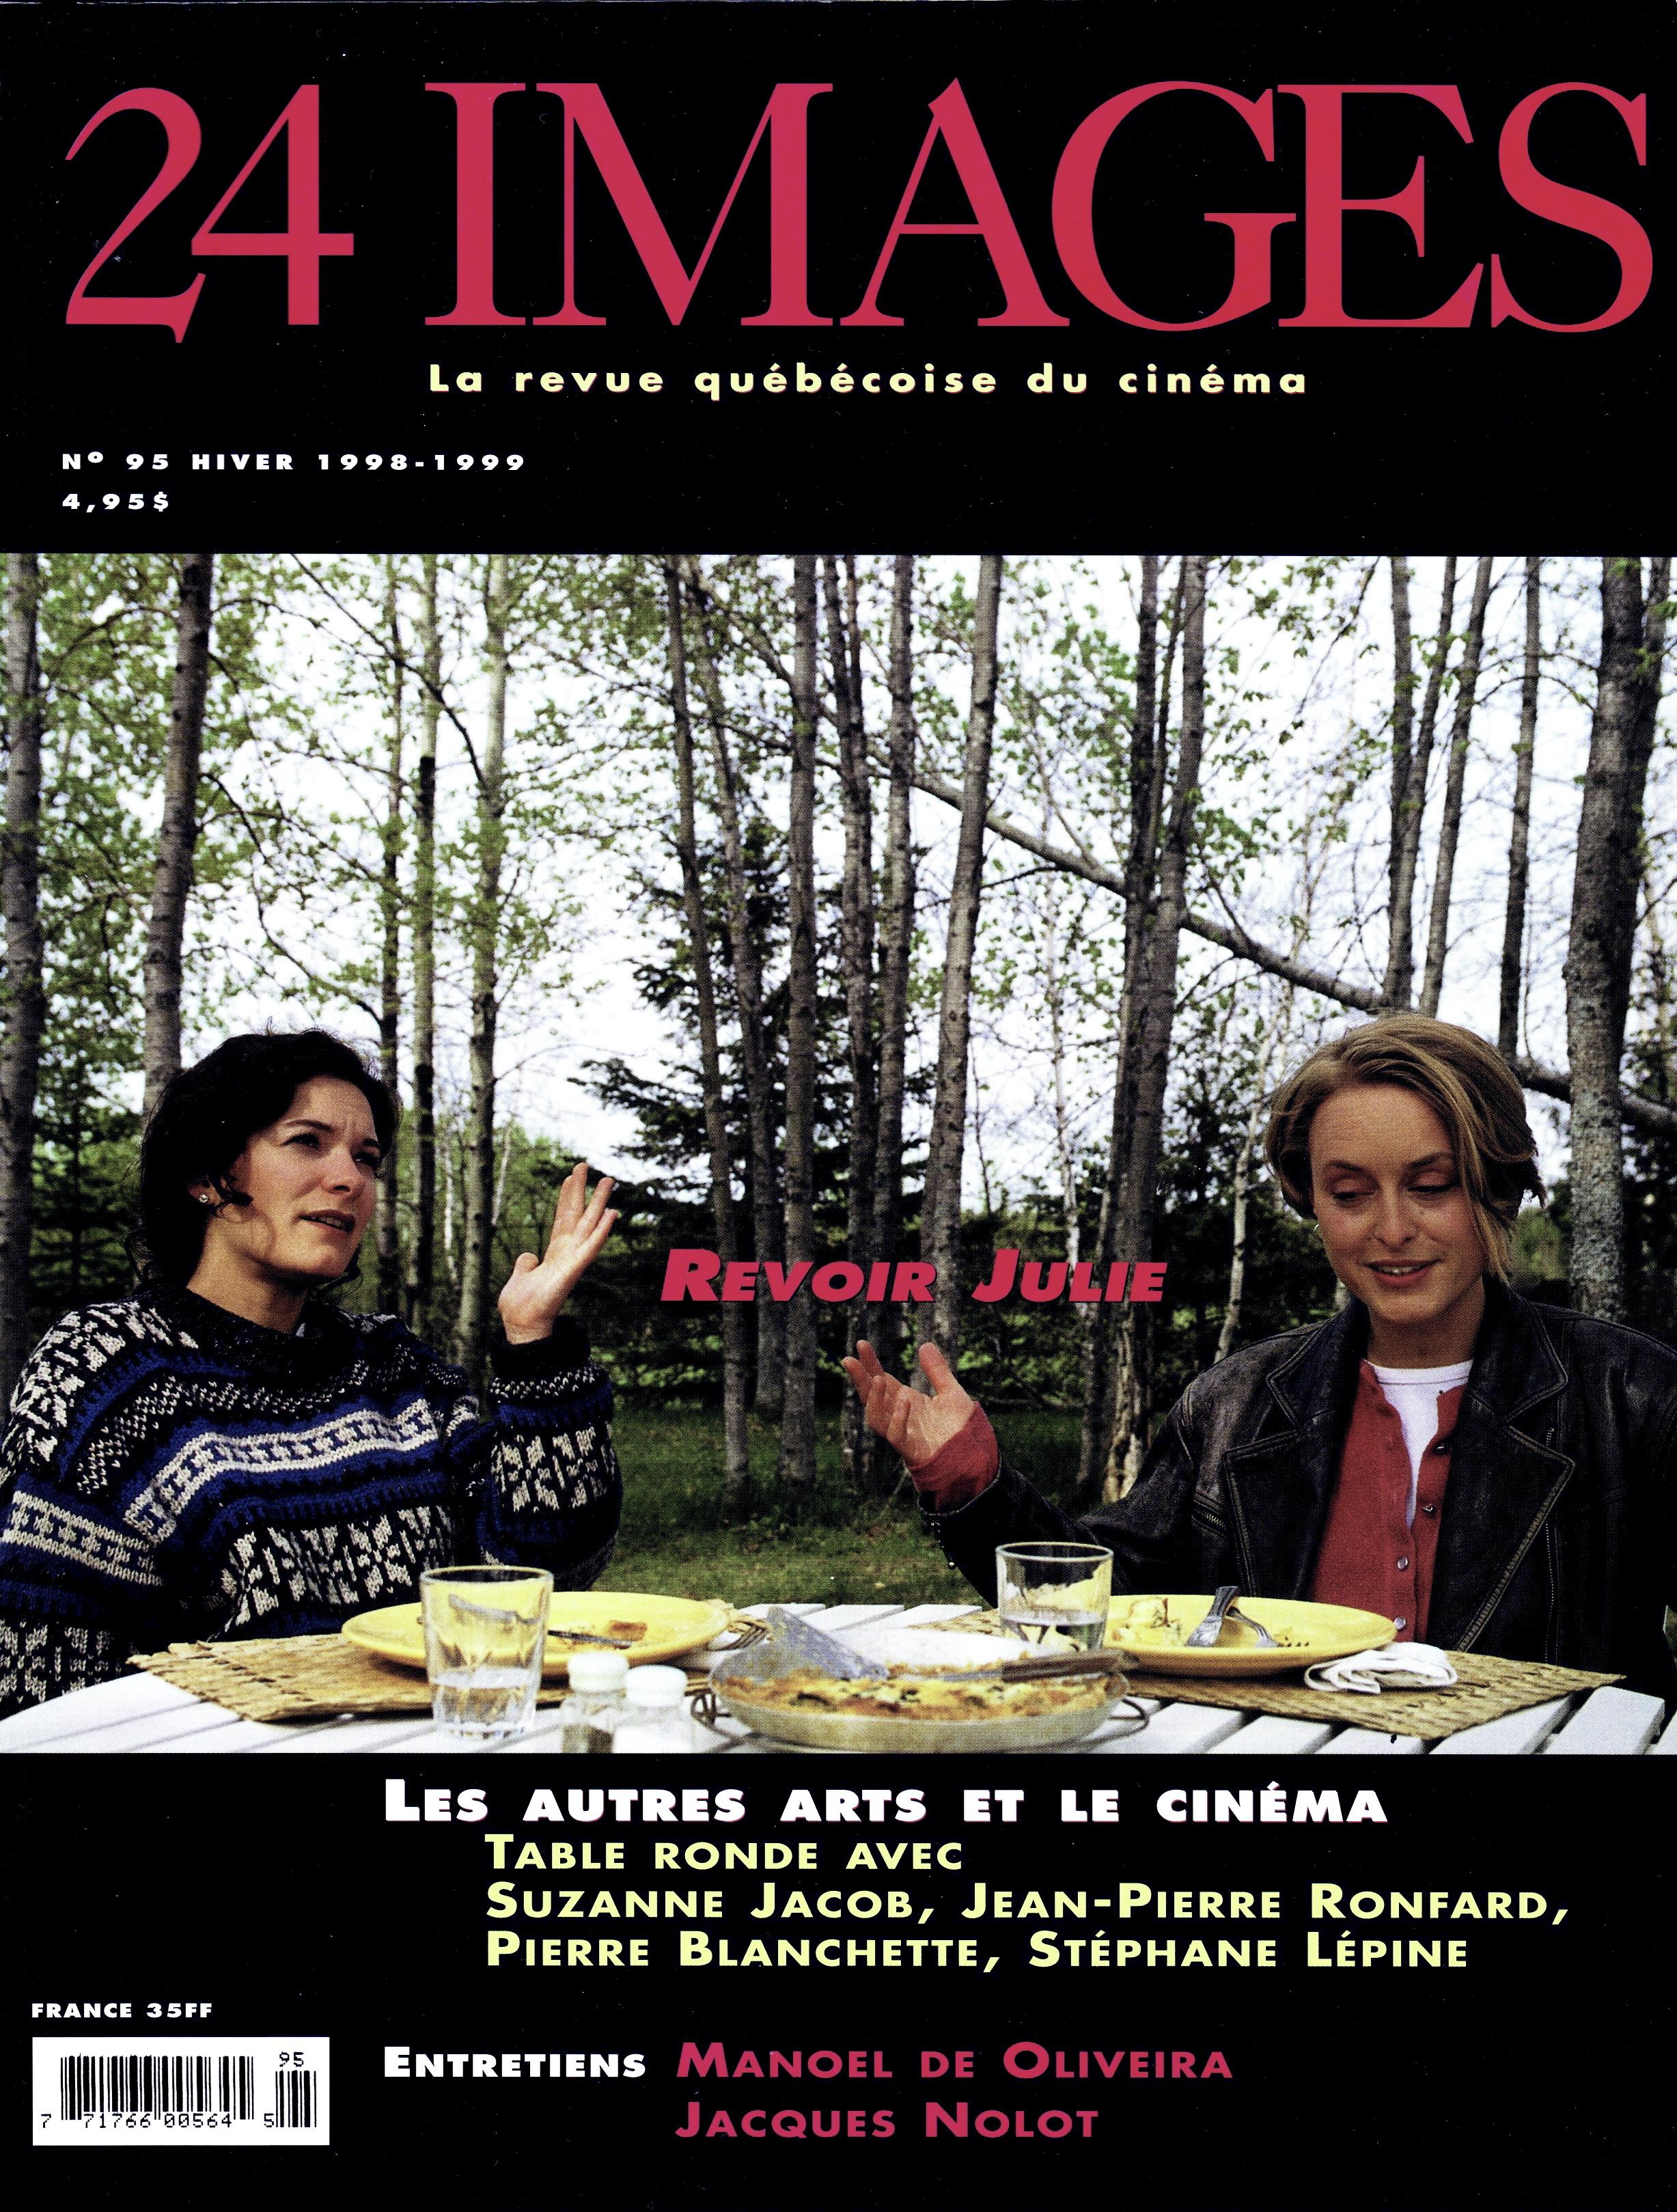 Copy of Revoir Julie - 24 Images